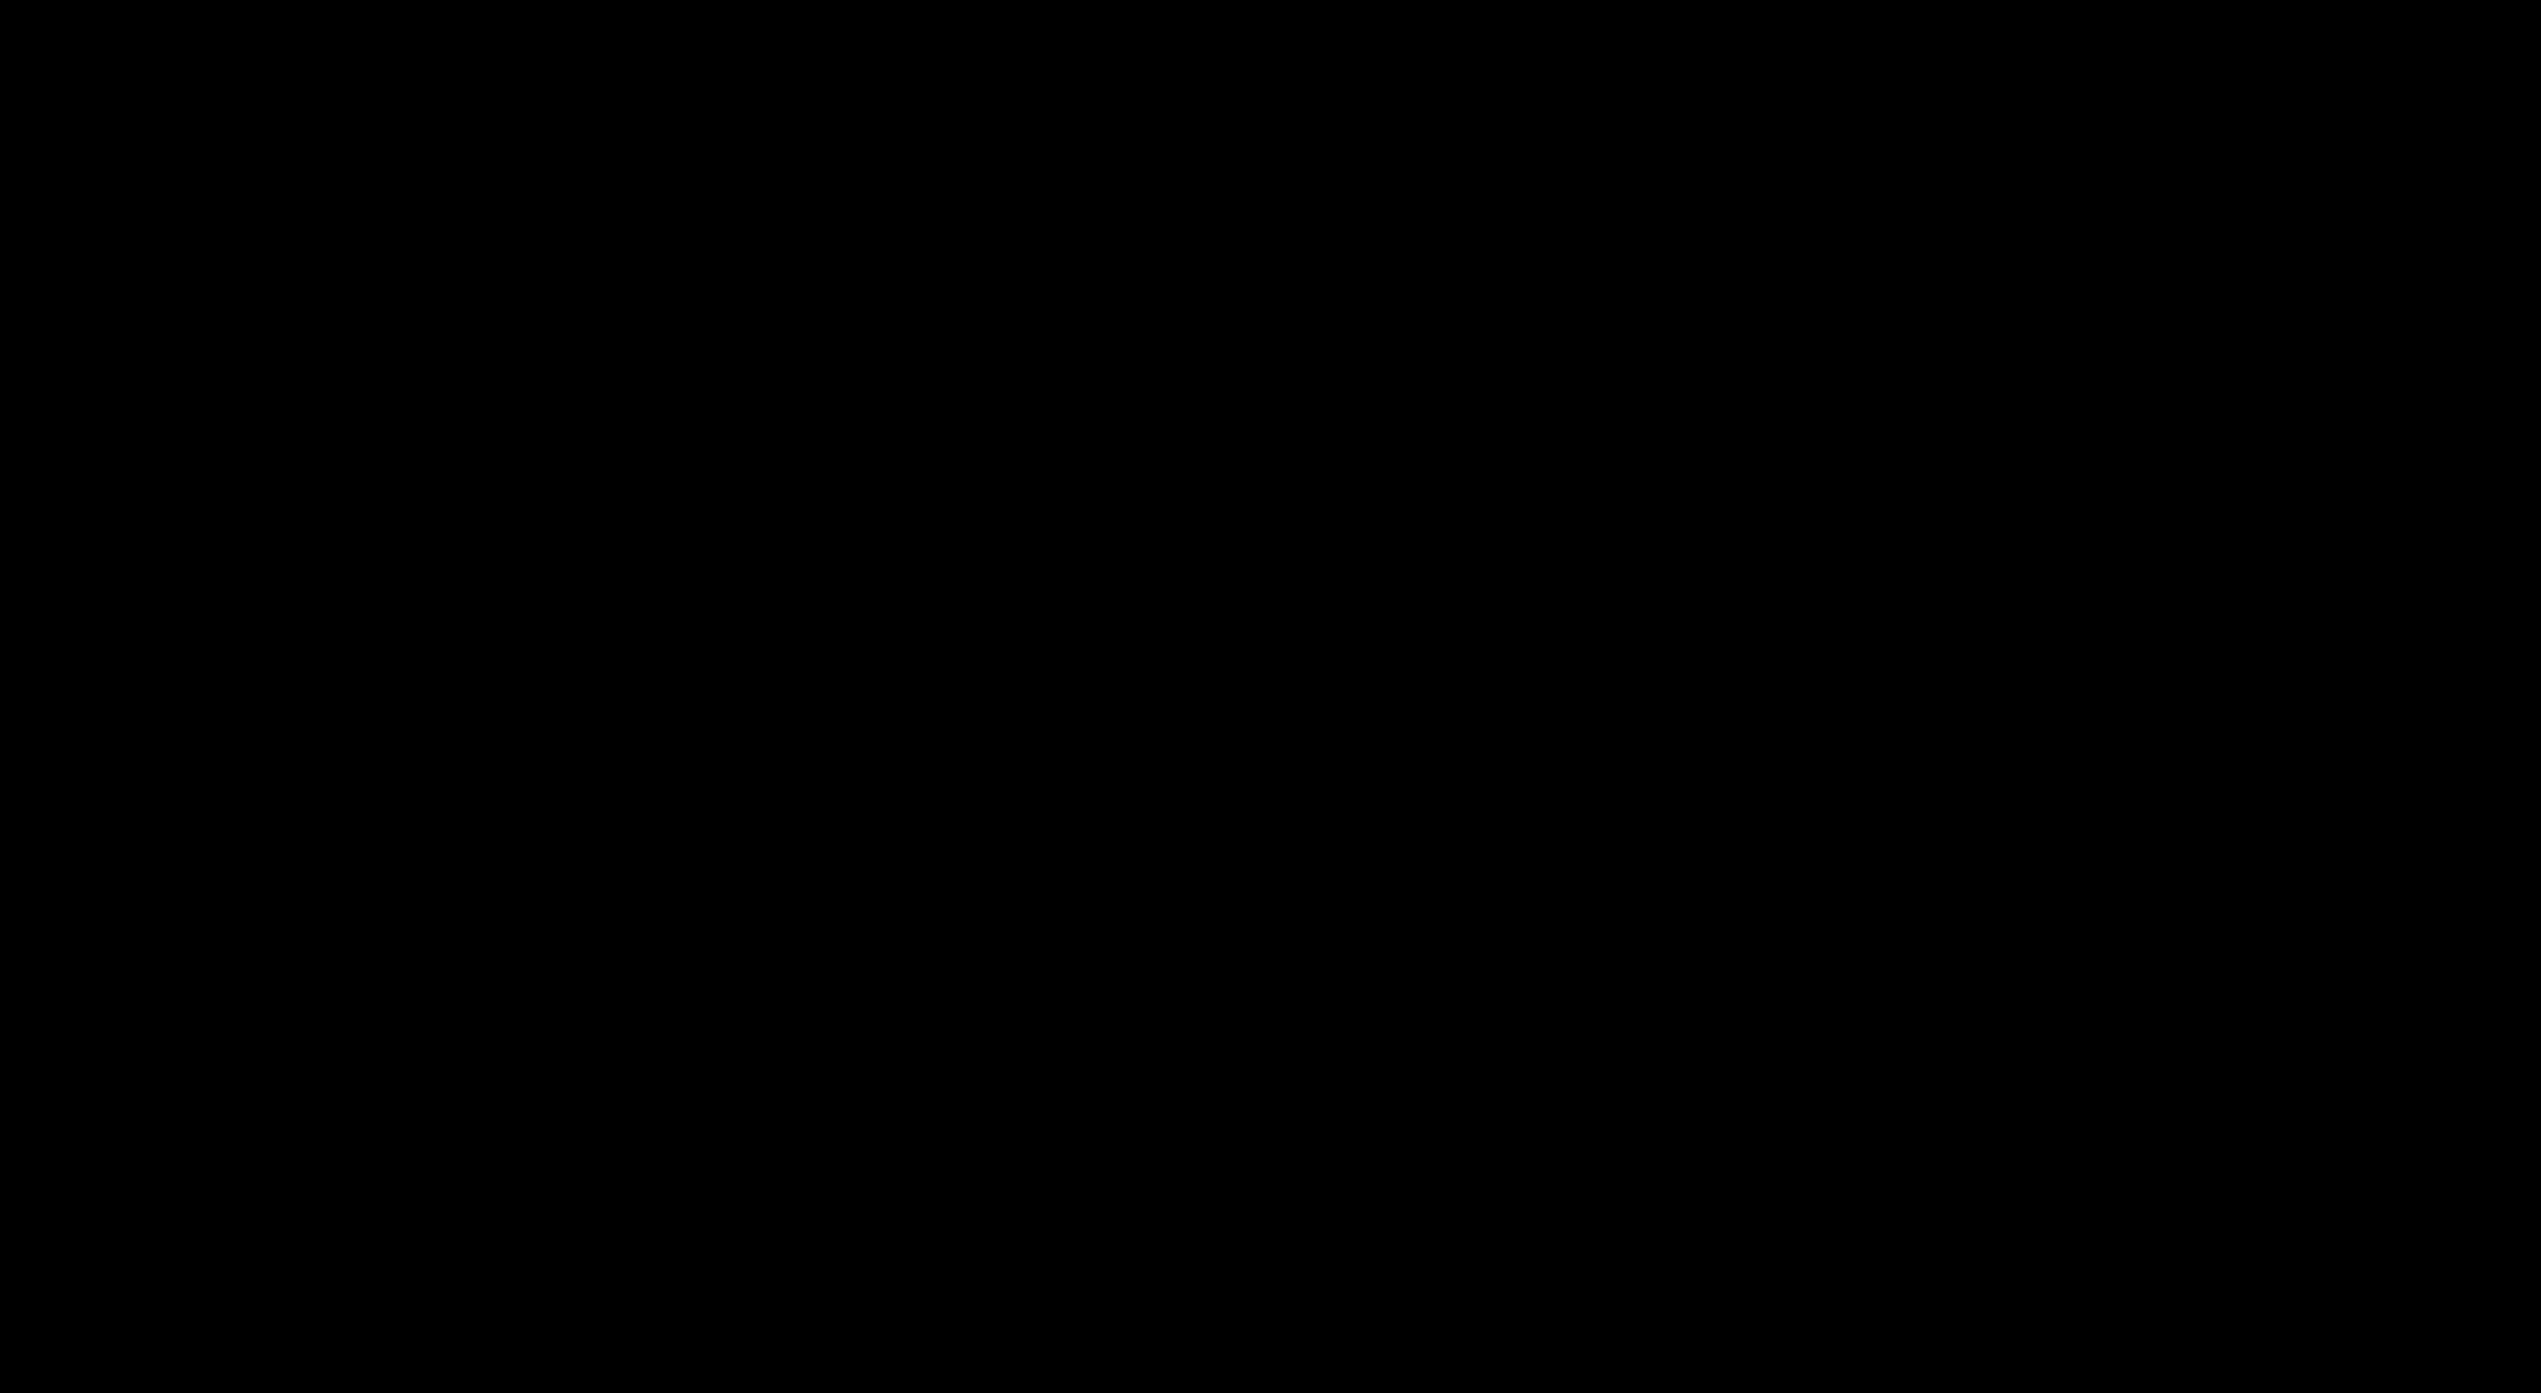 SNAP-d<sub>4</sub>-Biotin